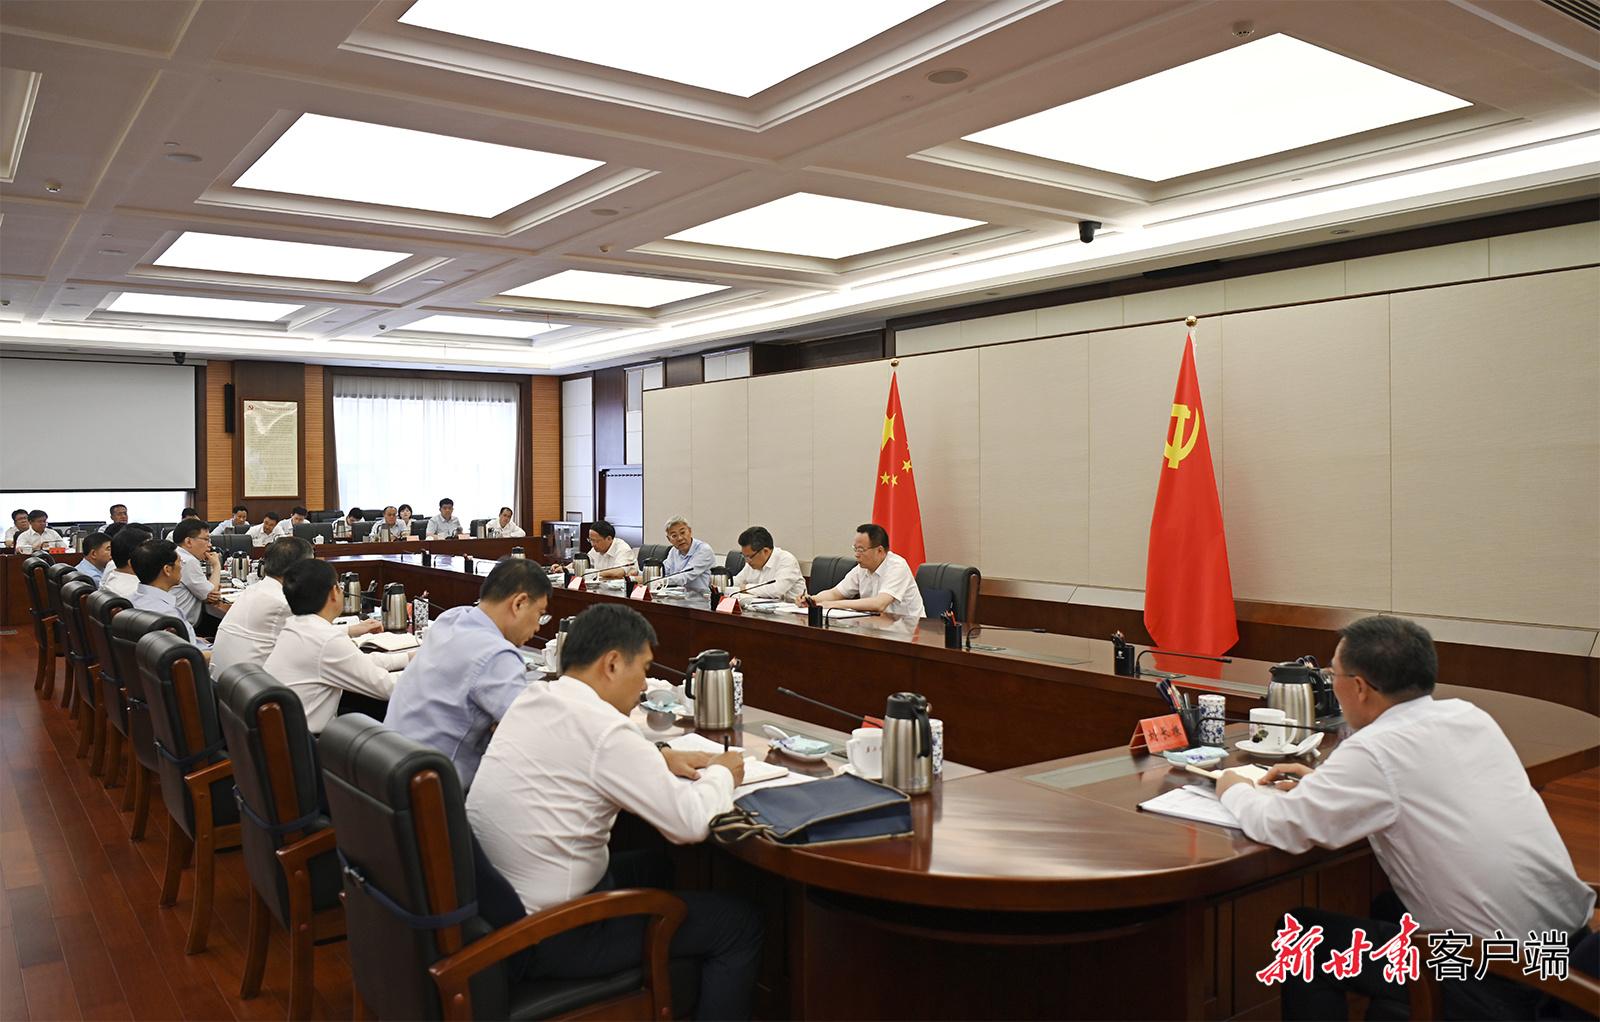 保护黄河 甘肃省委这场会议作了最新部署